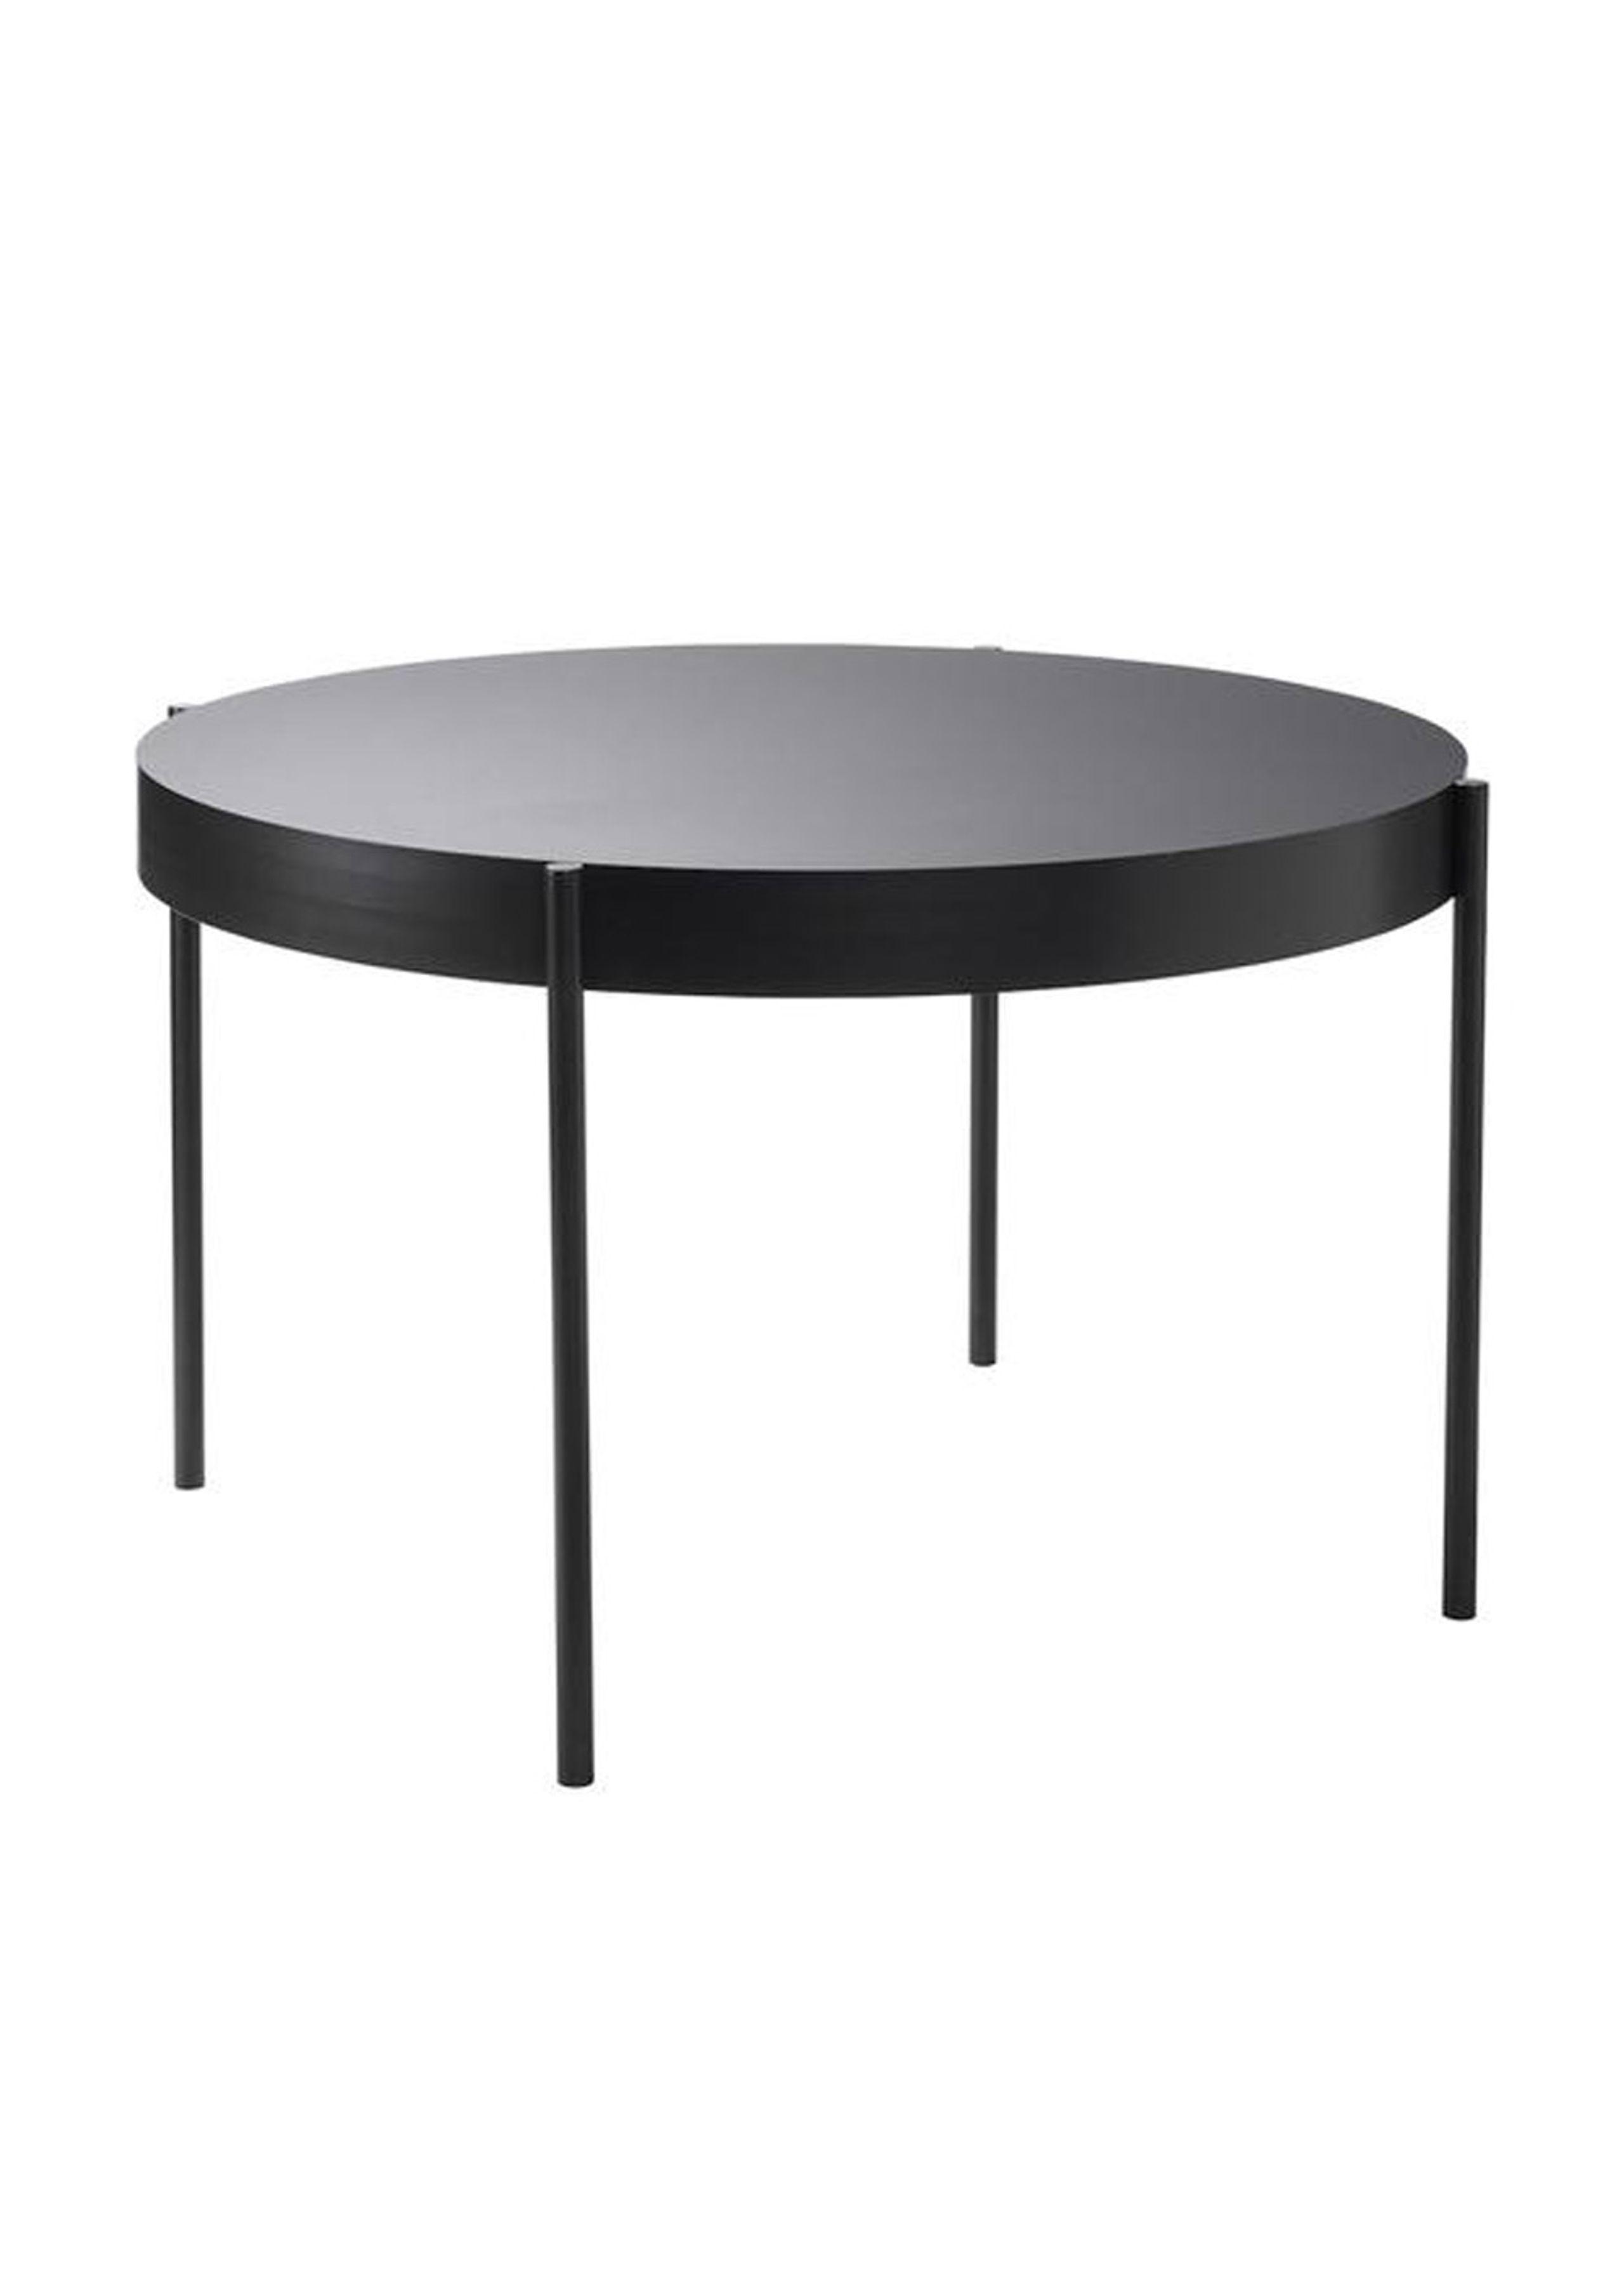 430 table by verner panton